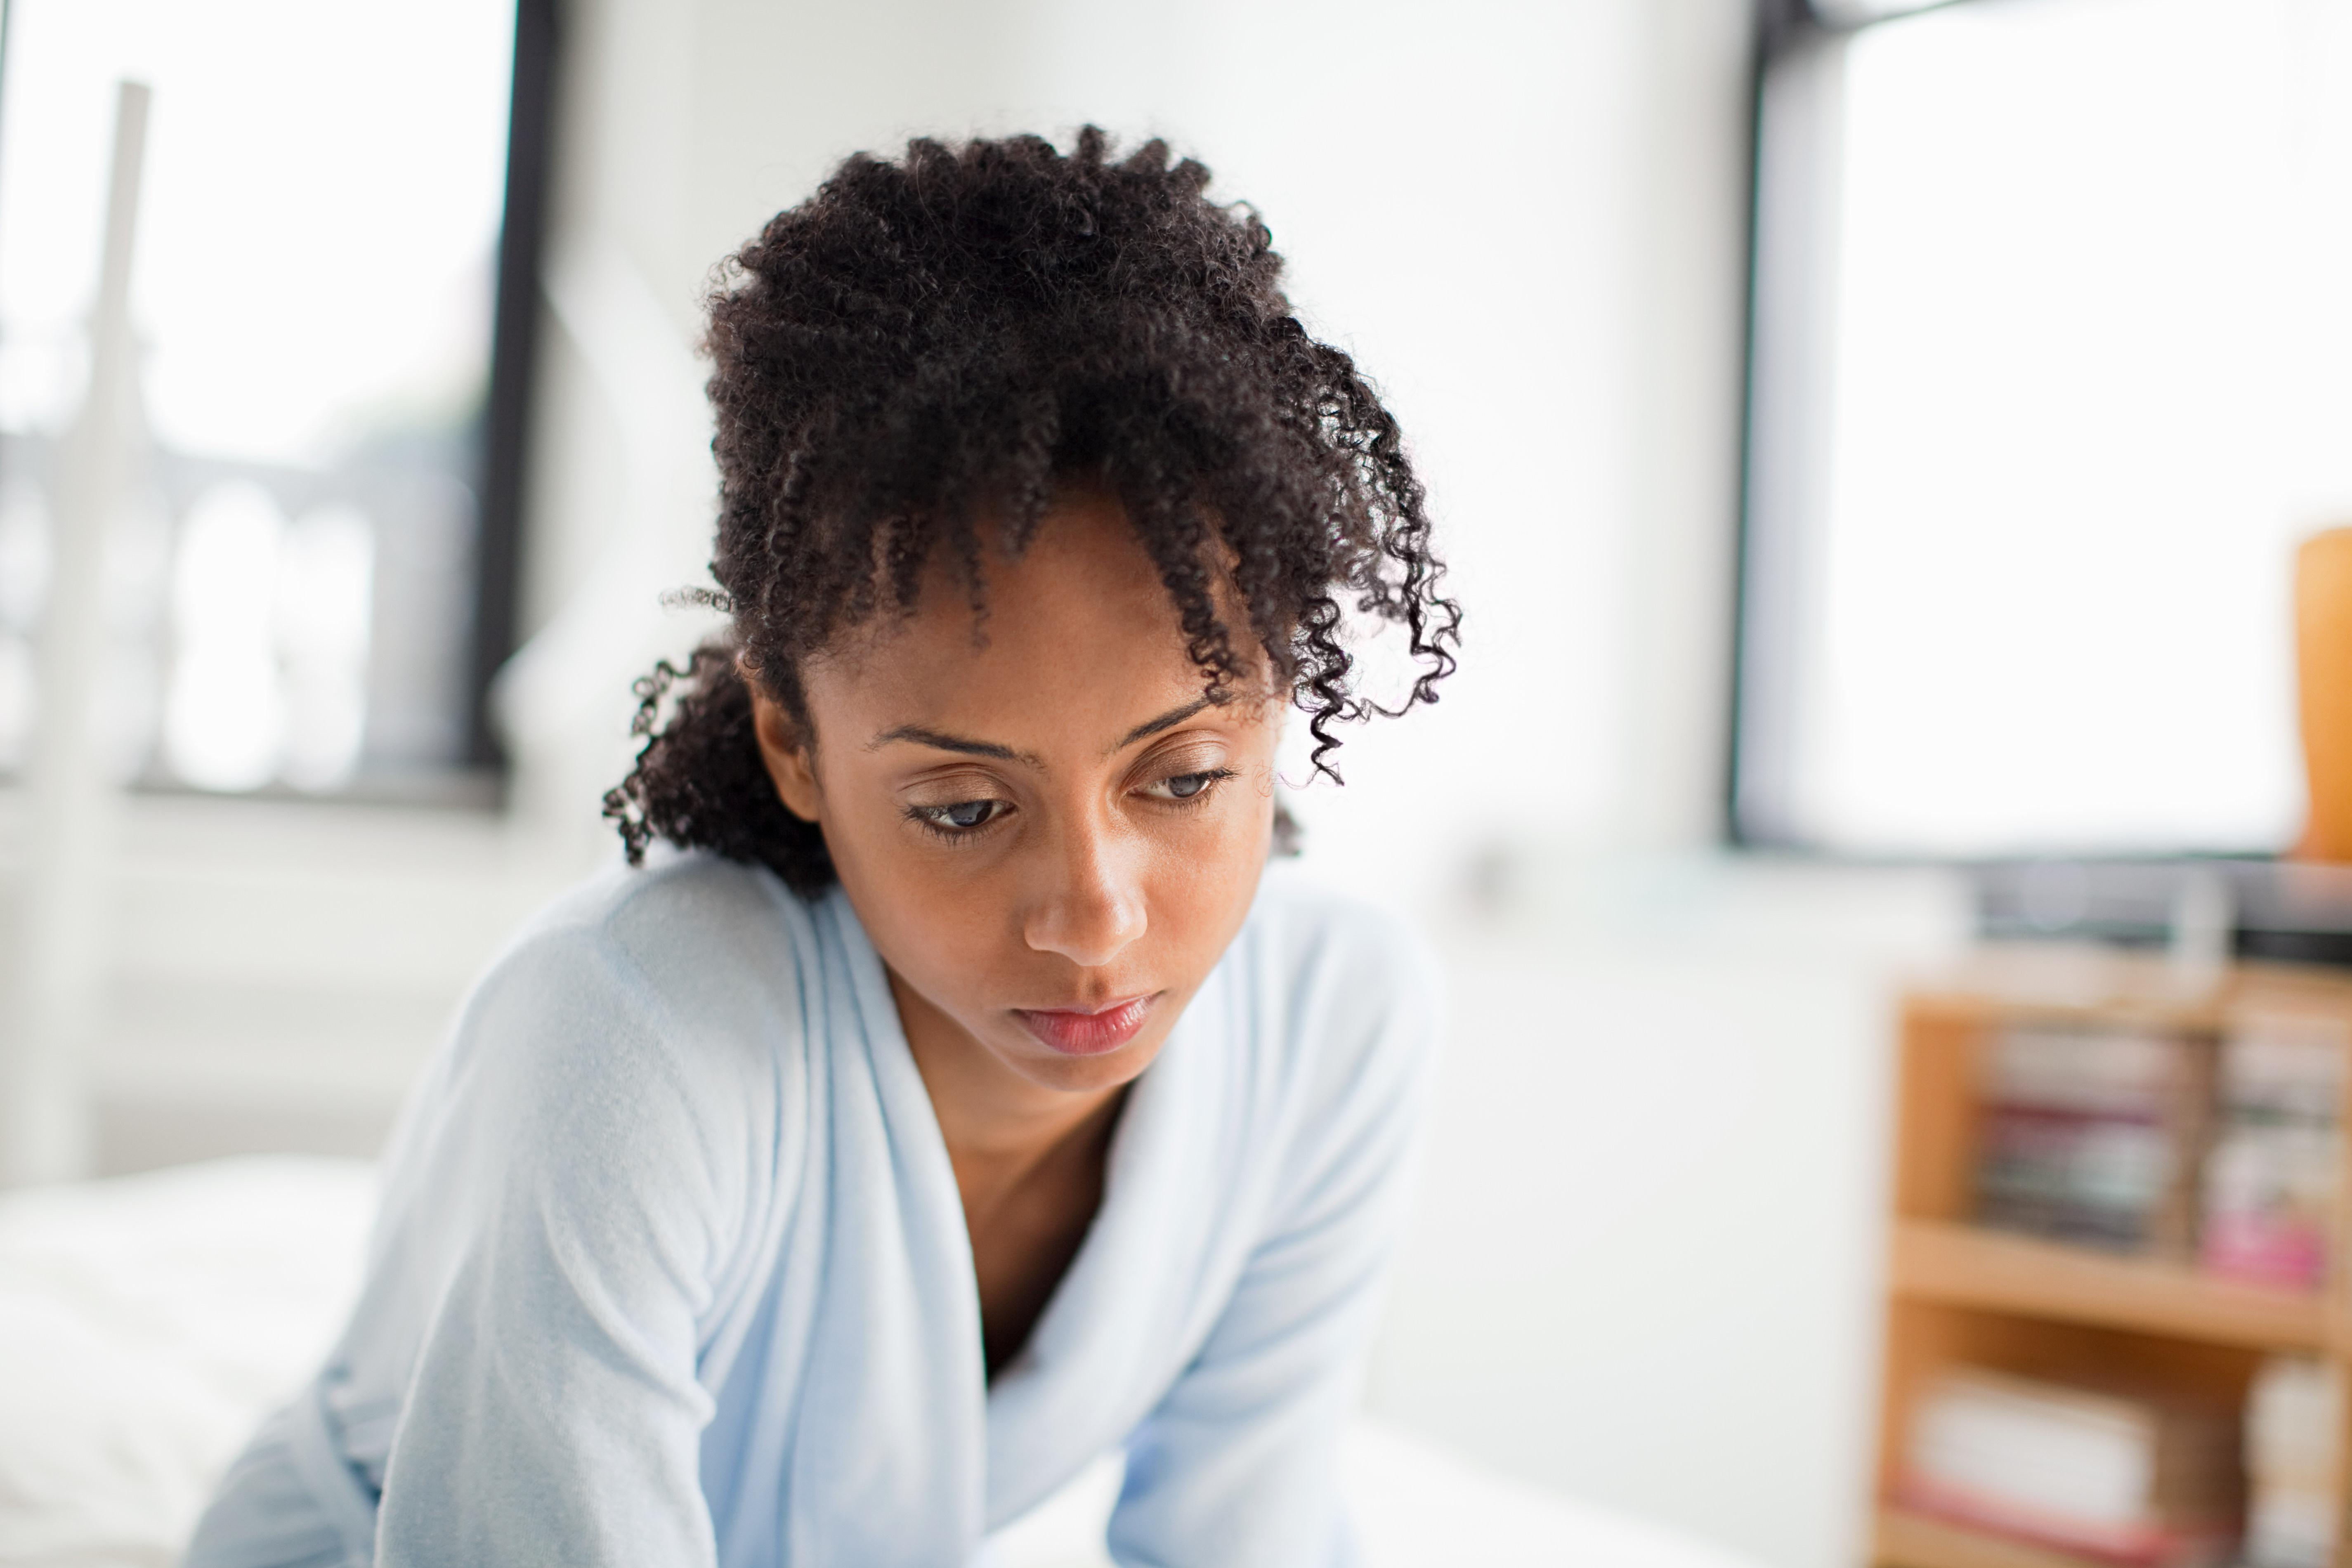 Woman looking depressed